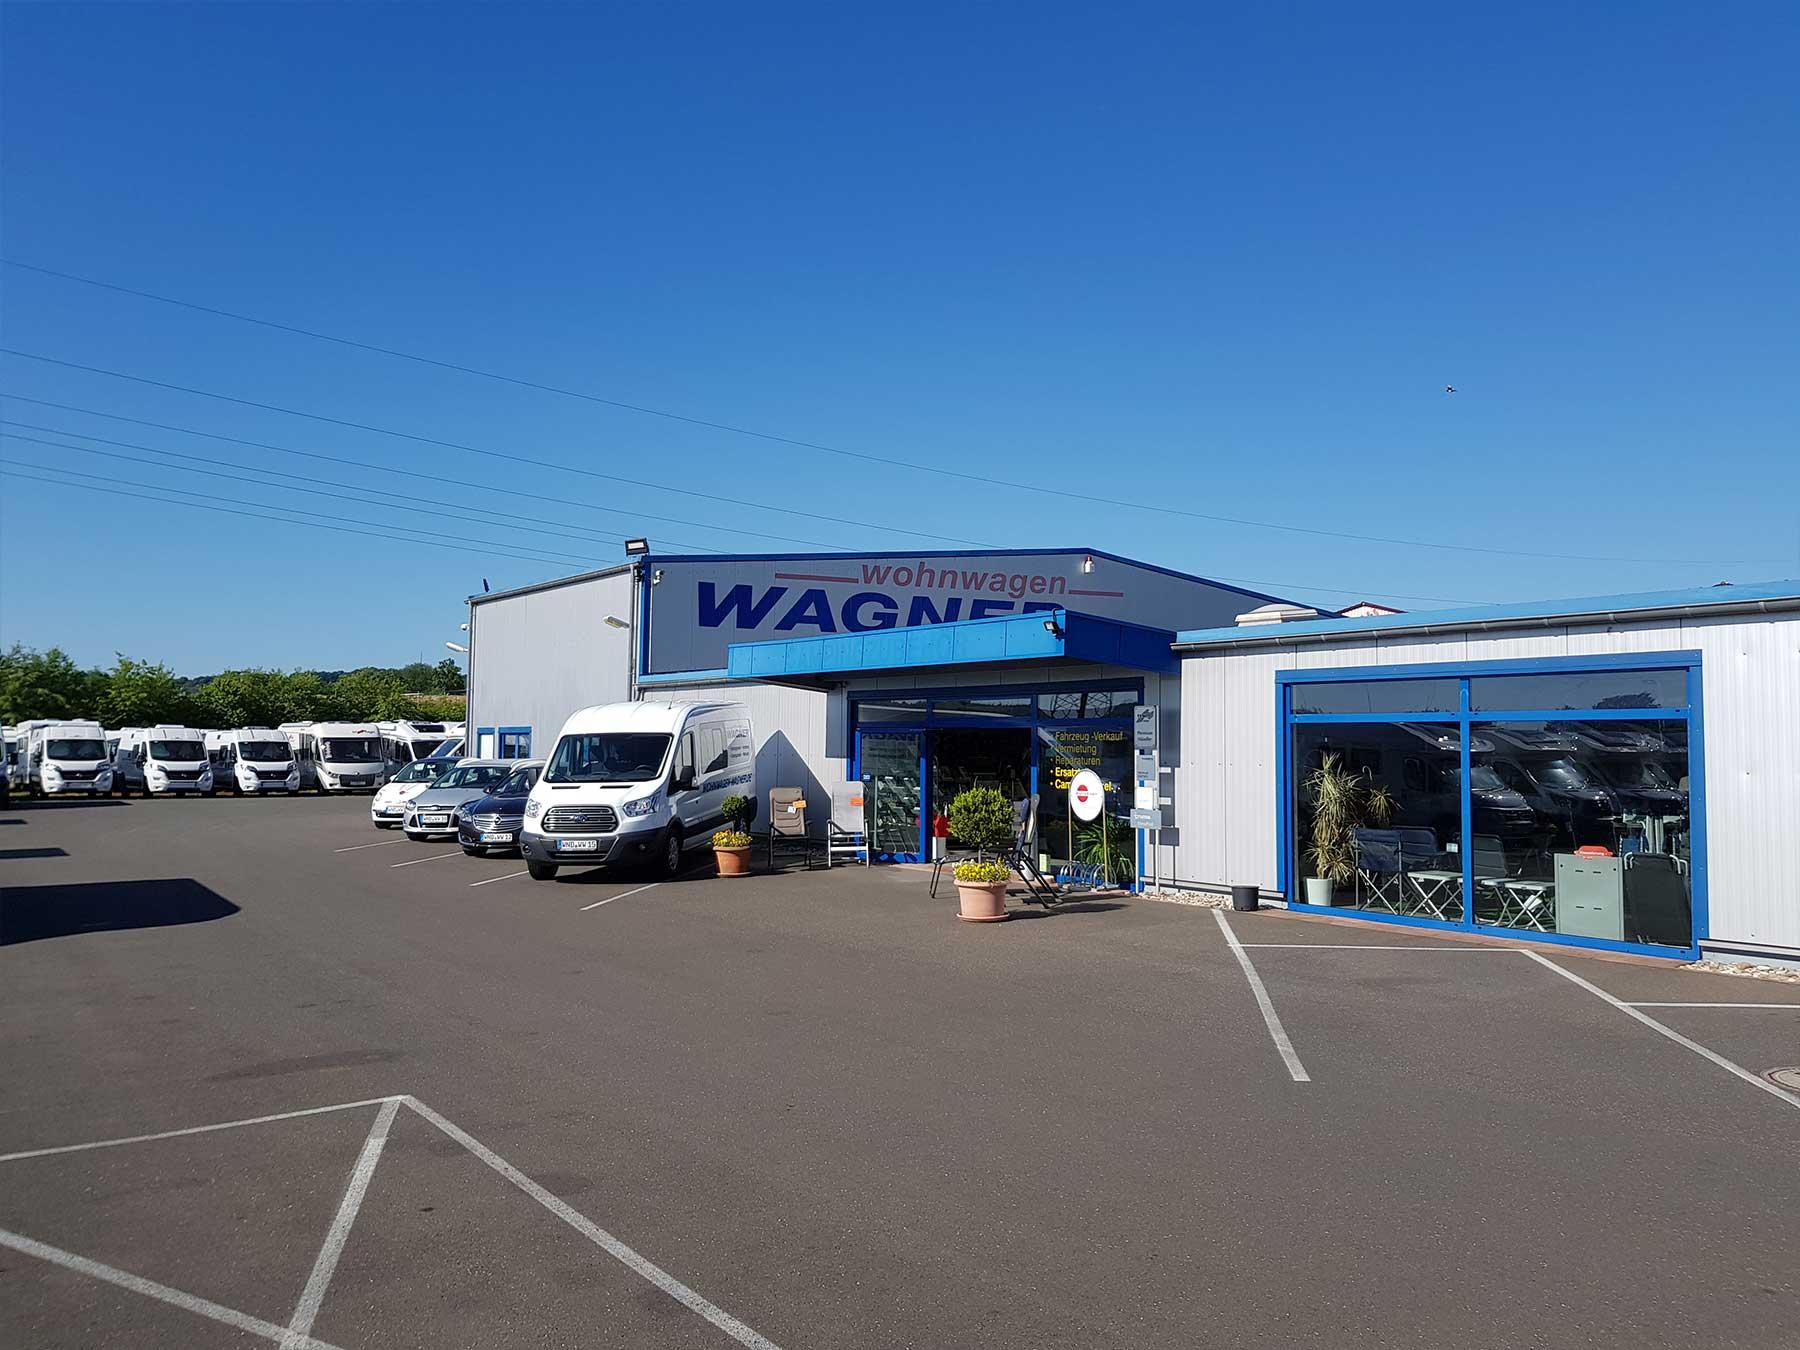 Wohnwagen Wagner – Ihr Fachhändler für Wohnwagen, Reisemobile und ...